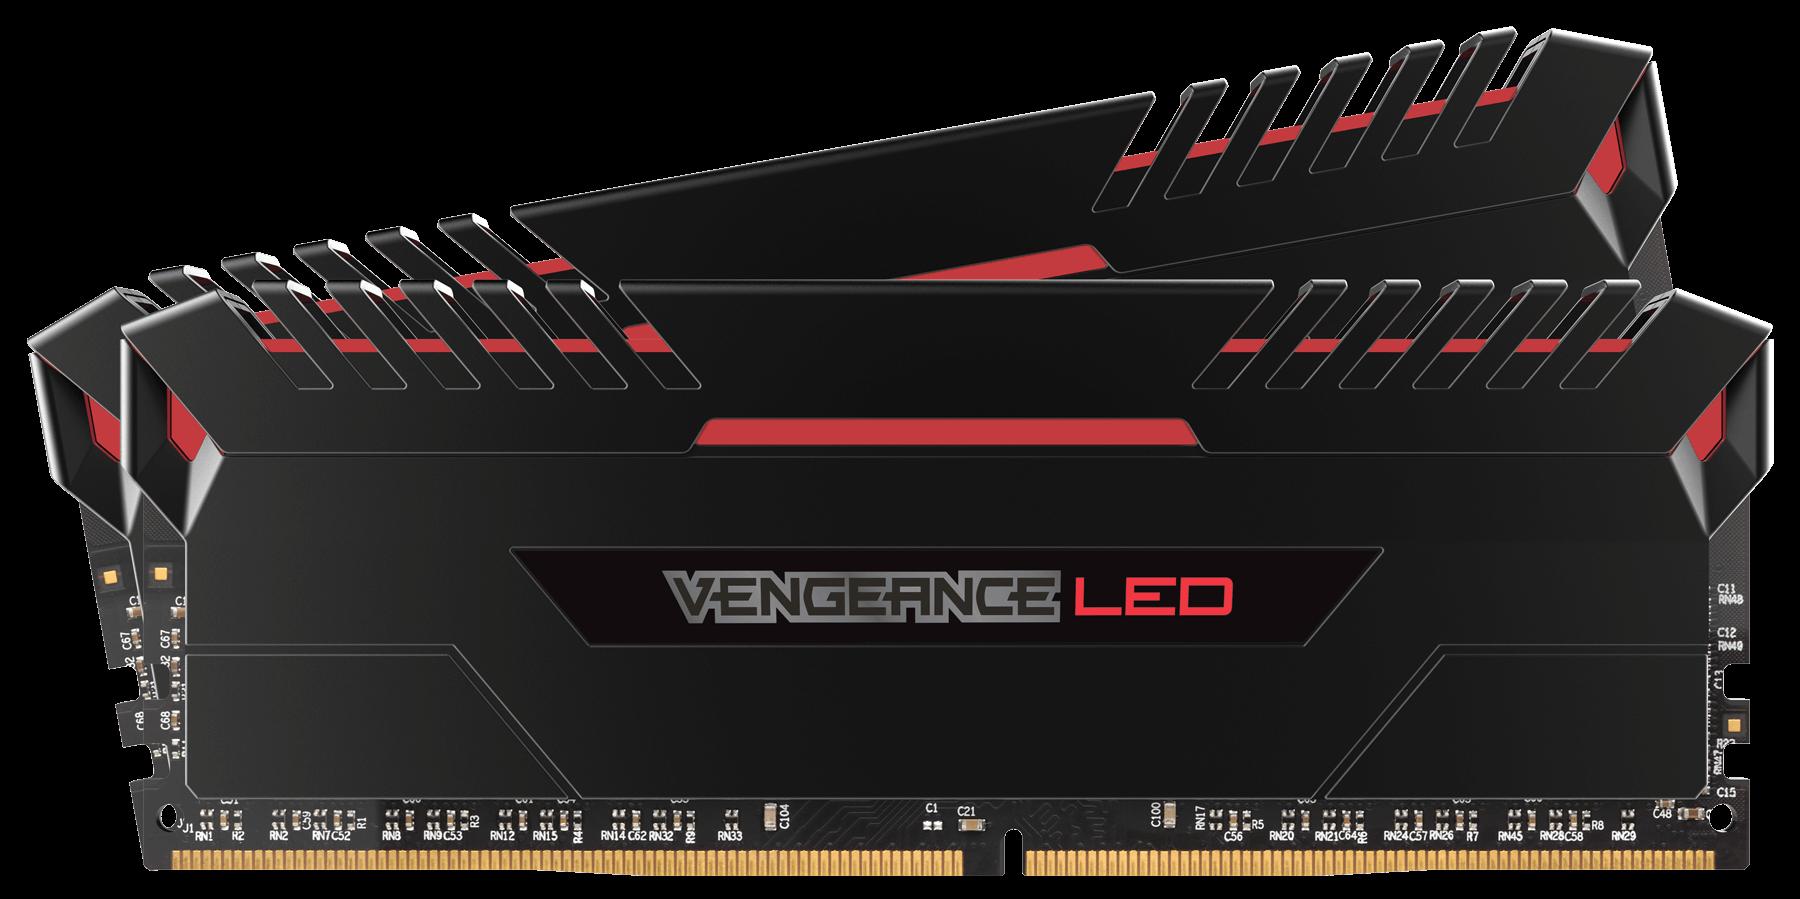 Memorie Desktop Corsair Vengeance LED 16GB(2 x 8GB) DDR4 3200MHz Red